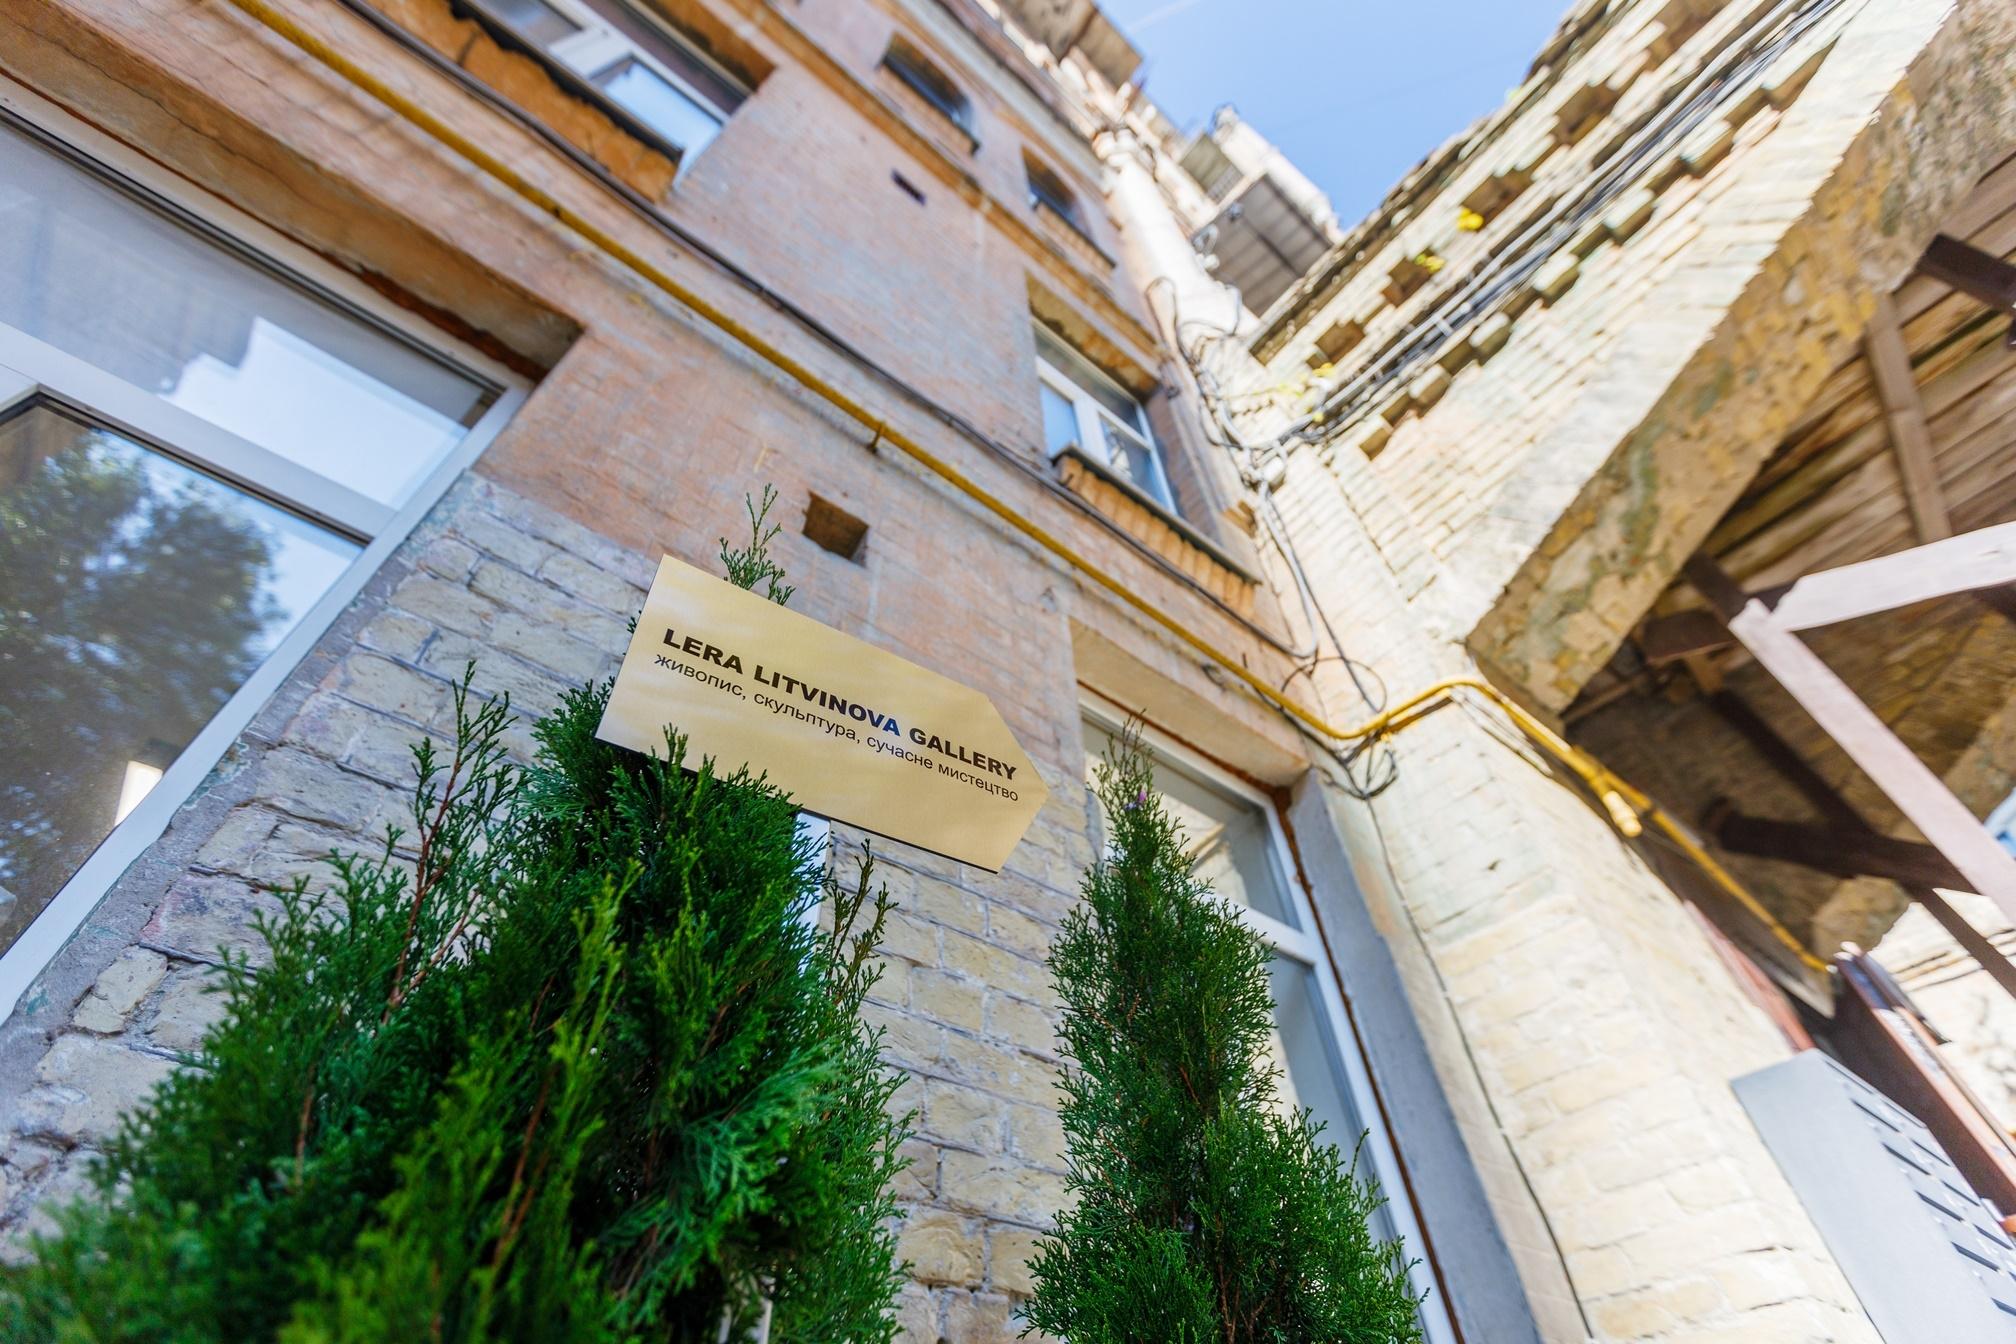 Арт-пространство Lera Litvinova Gallery открылось по новому адресу в Киеве (ФОТО) - фото №1